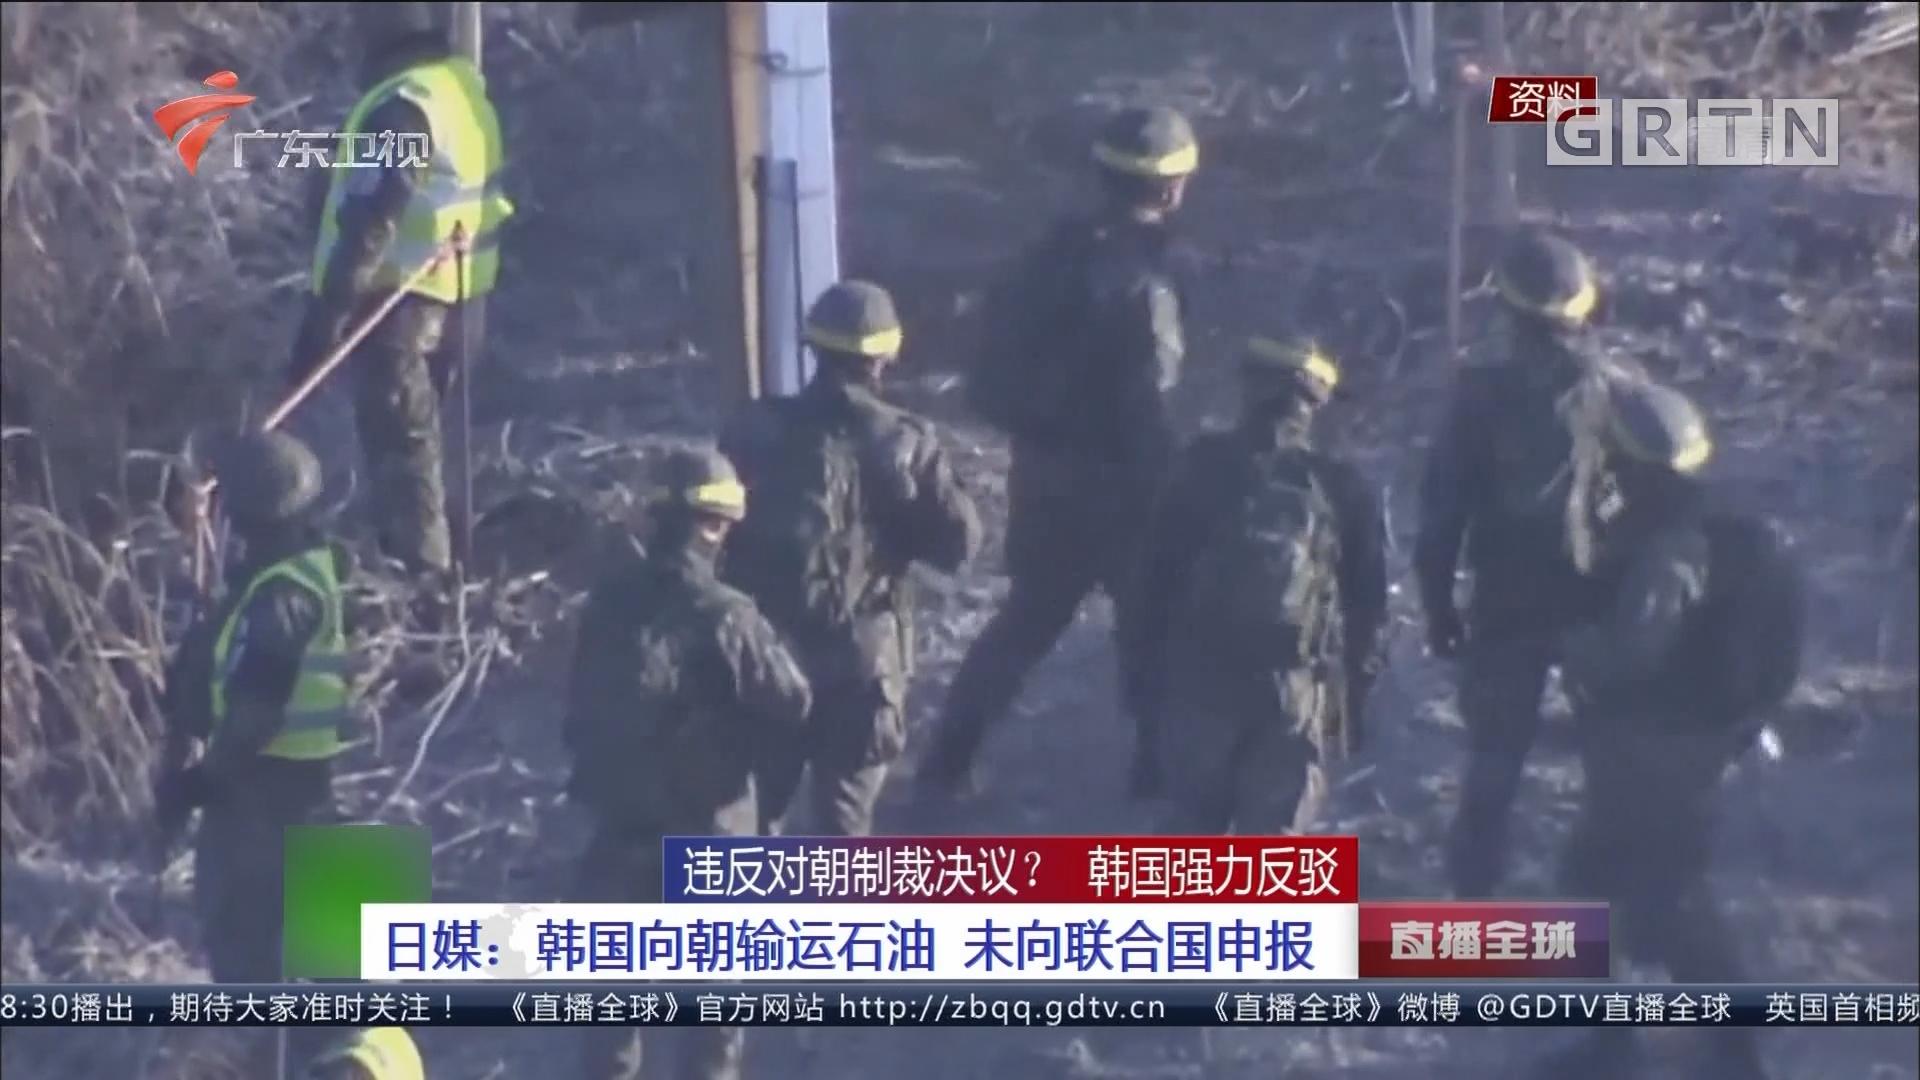 违反对朝制裁决议? 韩国强力反驳 日媒:韩国向朝输运石油 未向联合国申报